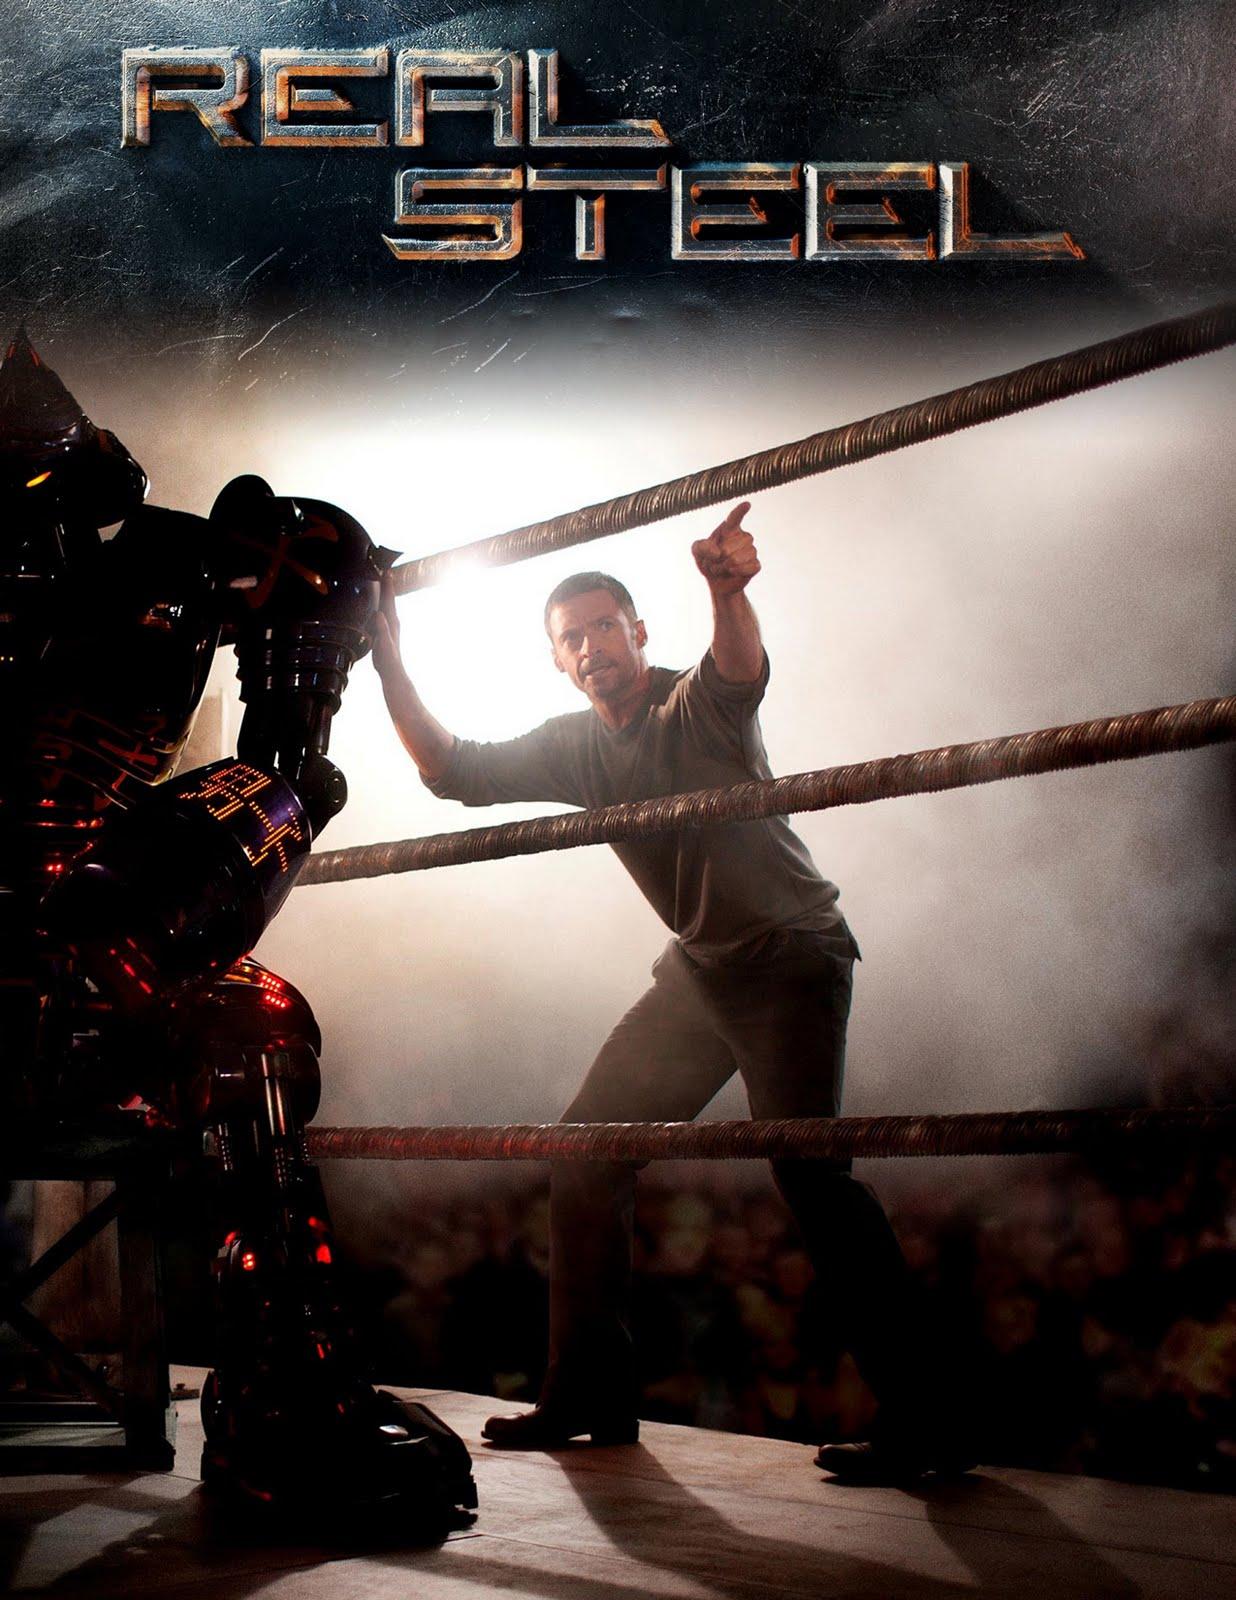 http://1.bp.blogspot.com/-GXAY9yAl0lE/Tc_IA2y53JI/AAAAAAAAAKI/zHWykchH-EE/s1600/Real+Steel.jpg